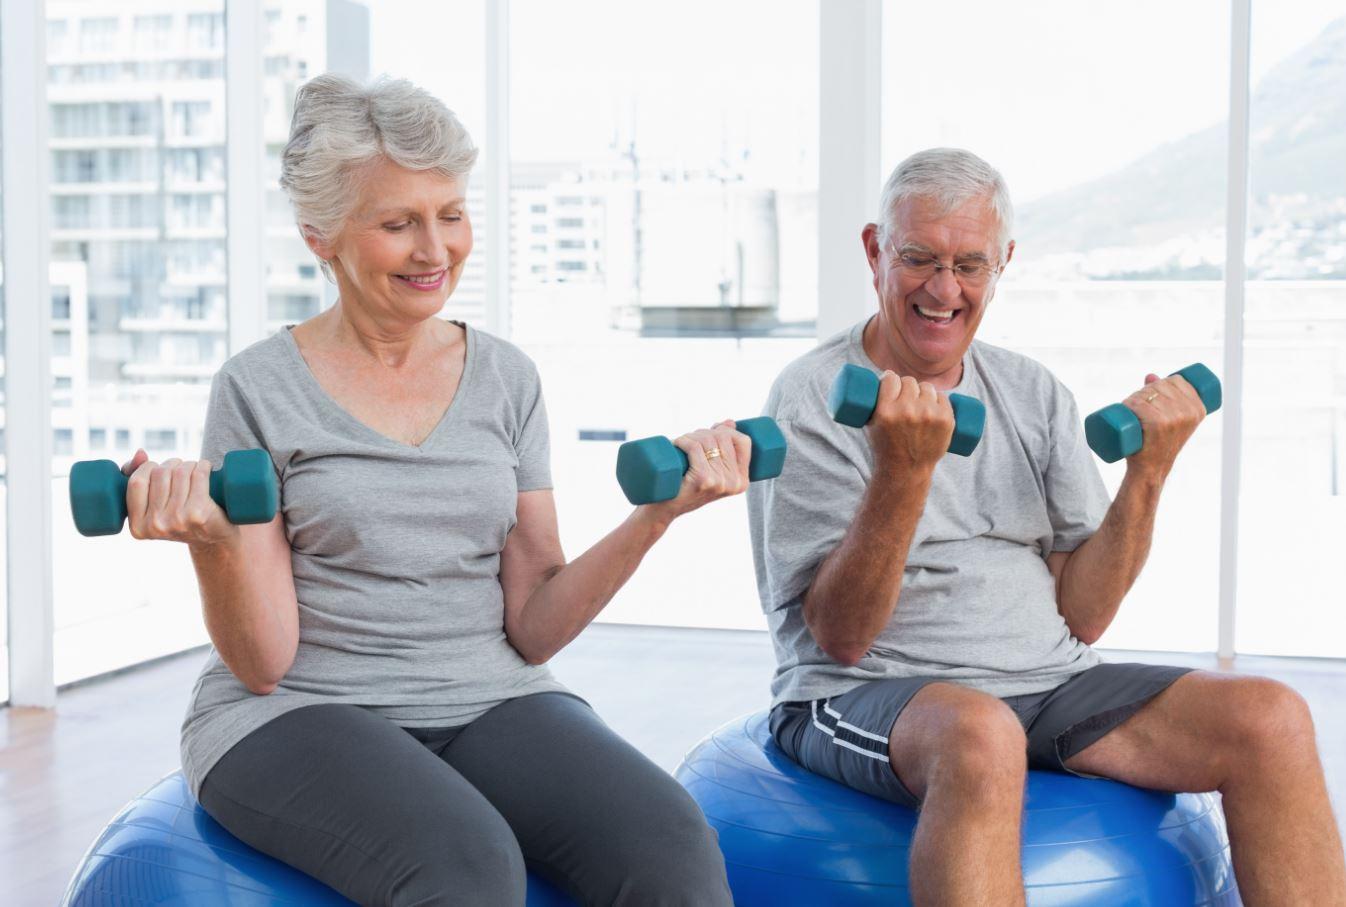 Elderly-Exercises-5-Workout-Tips-for-Seniors.jpg